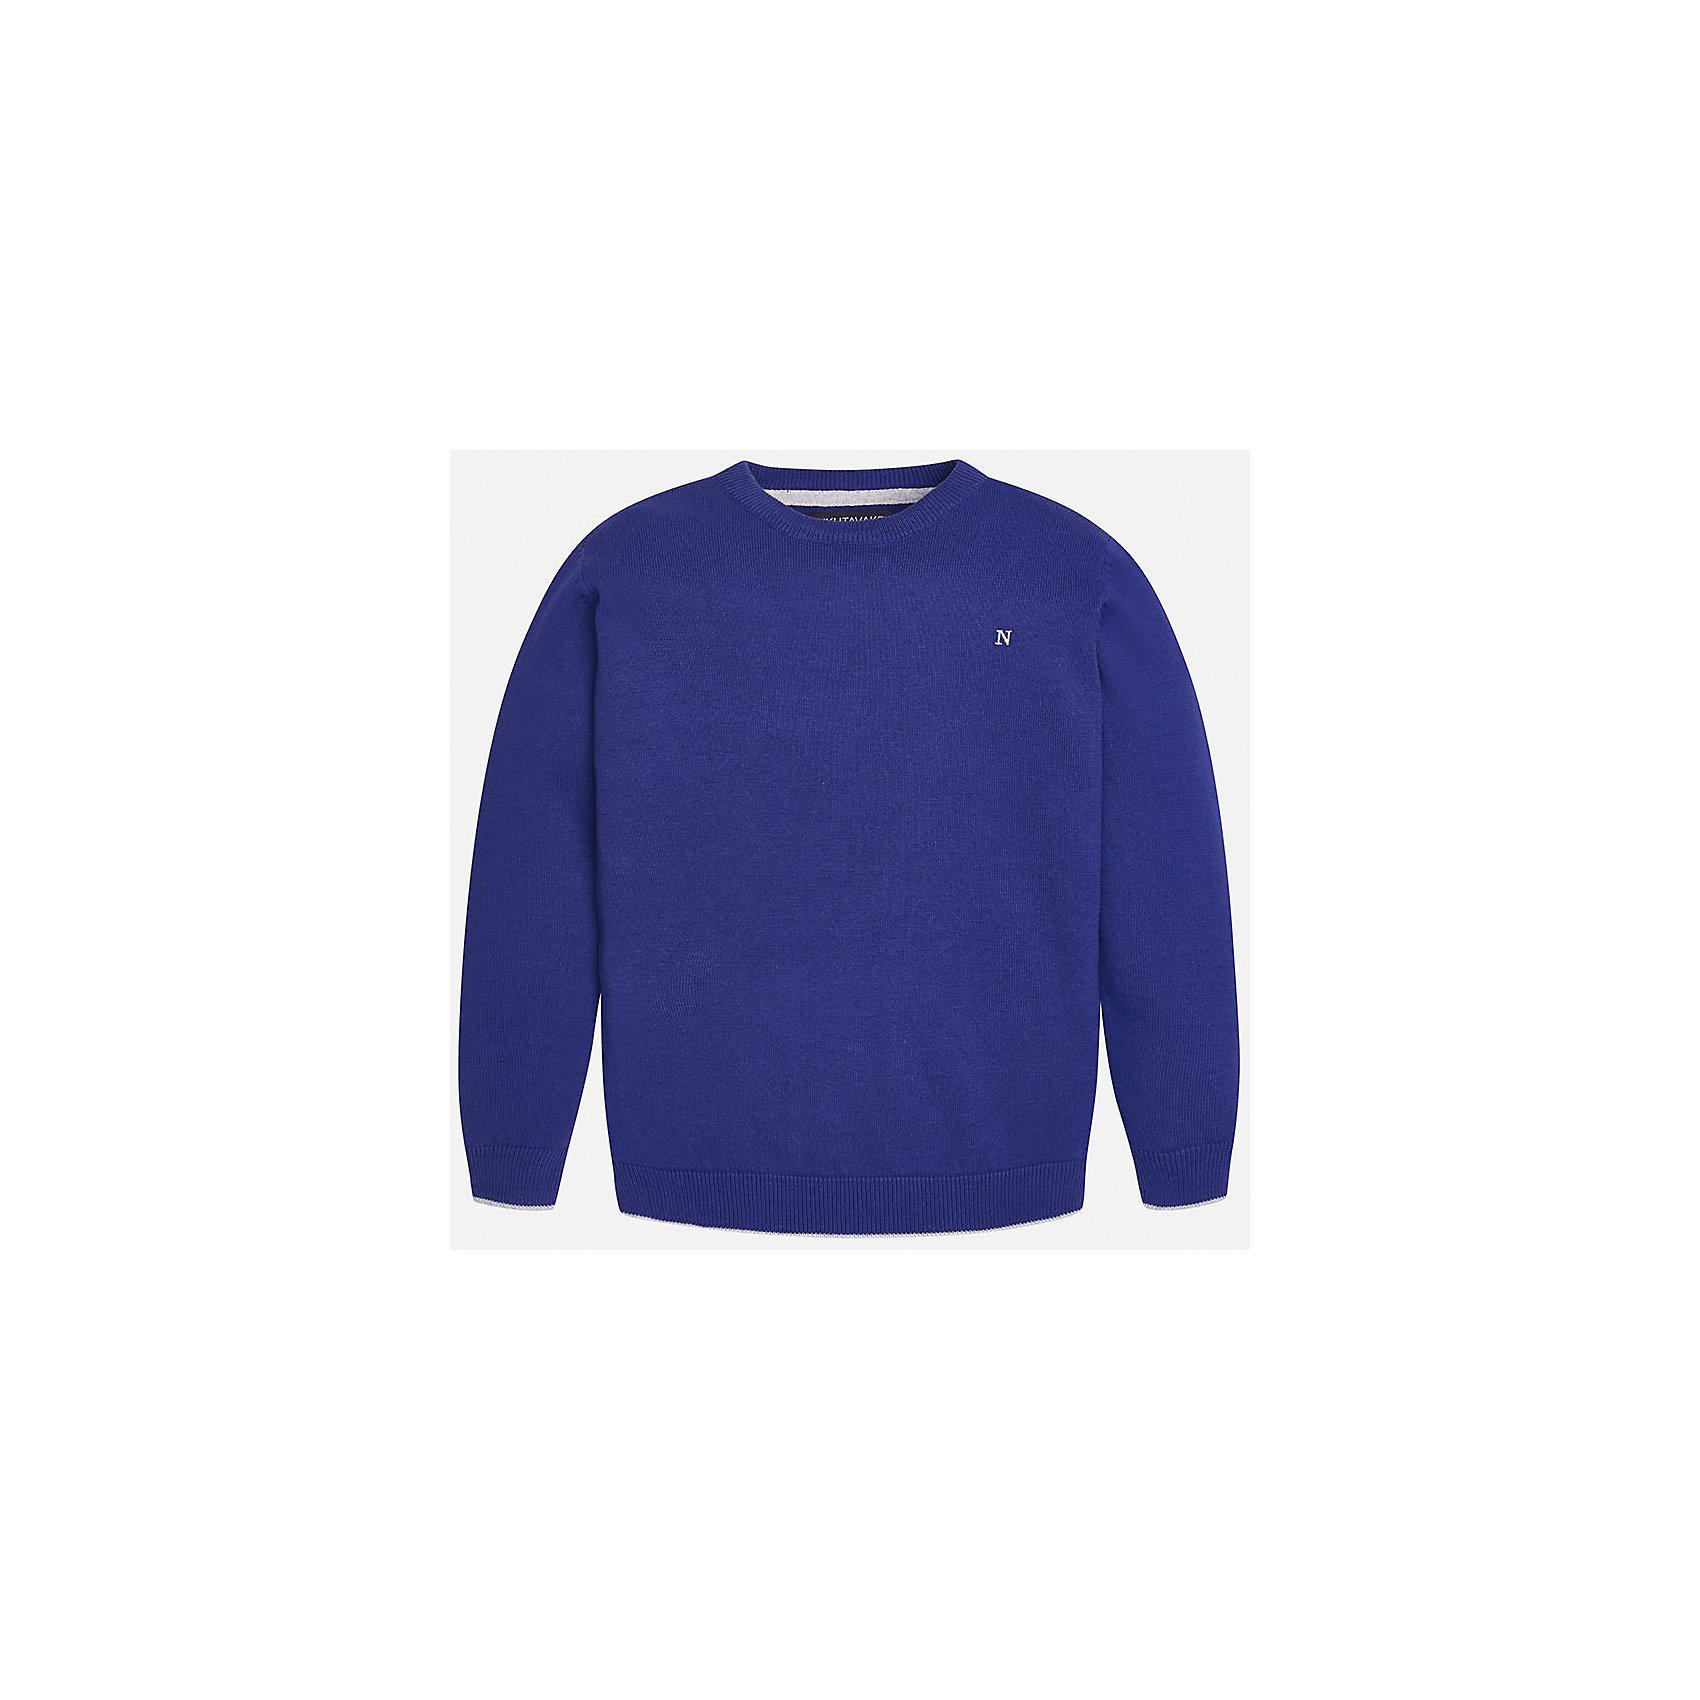 Свитер для мальчика MayoralСвитера и кардиганы<br>Красивый хлопковый свитер, с окантовкой внизу в виде трех серых полосок. Свитер хорошо садится и не тянется со временем.<br><br>Дополнительная информация:<br><br>- Прямой крой. <br>- Страна бренда: Испания.<br>- Состав: хлопок 100%<br>- Цвет: бордовый.<br>- Уход: бережная стирка при 30 градусах.<br><br>Купить свитер для мальчика Mayoral можно в нашем магазине.<br><br>Ширина мм: 190<br>Глубина мм: 74<br>Высота мм: 229<br>Вес г: 236<br>Цвет: бордовый<br>Возраст от месяцев: 132<br>Возраст до месяцев: 144<br>Пол: Мужской<br>Возраст: Детский<br>Размер: 146/152,128/134,164/170,158/164,152/158,134/140<br>SKU: 4821725